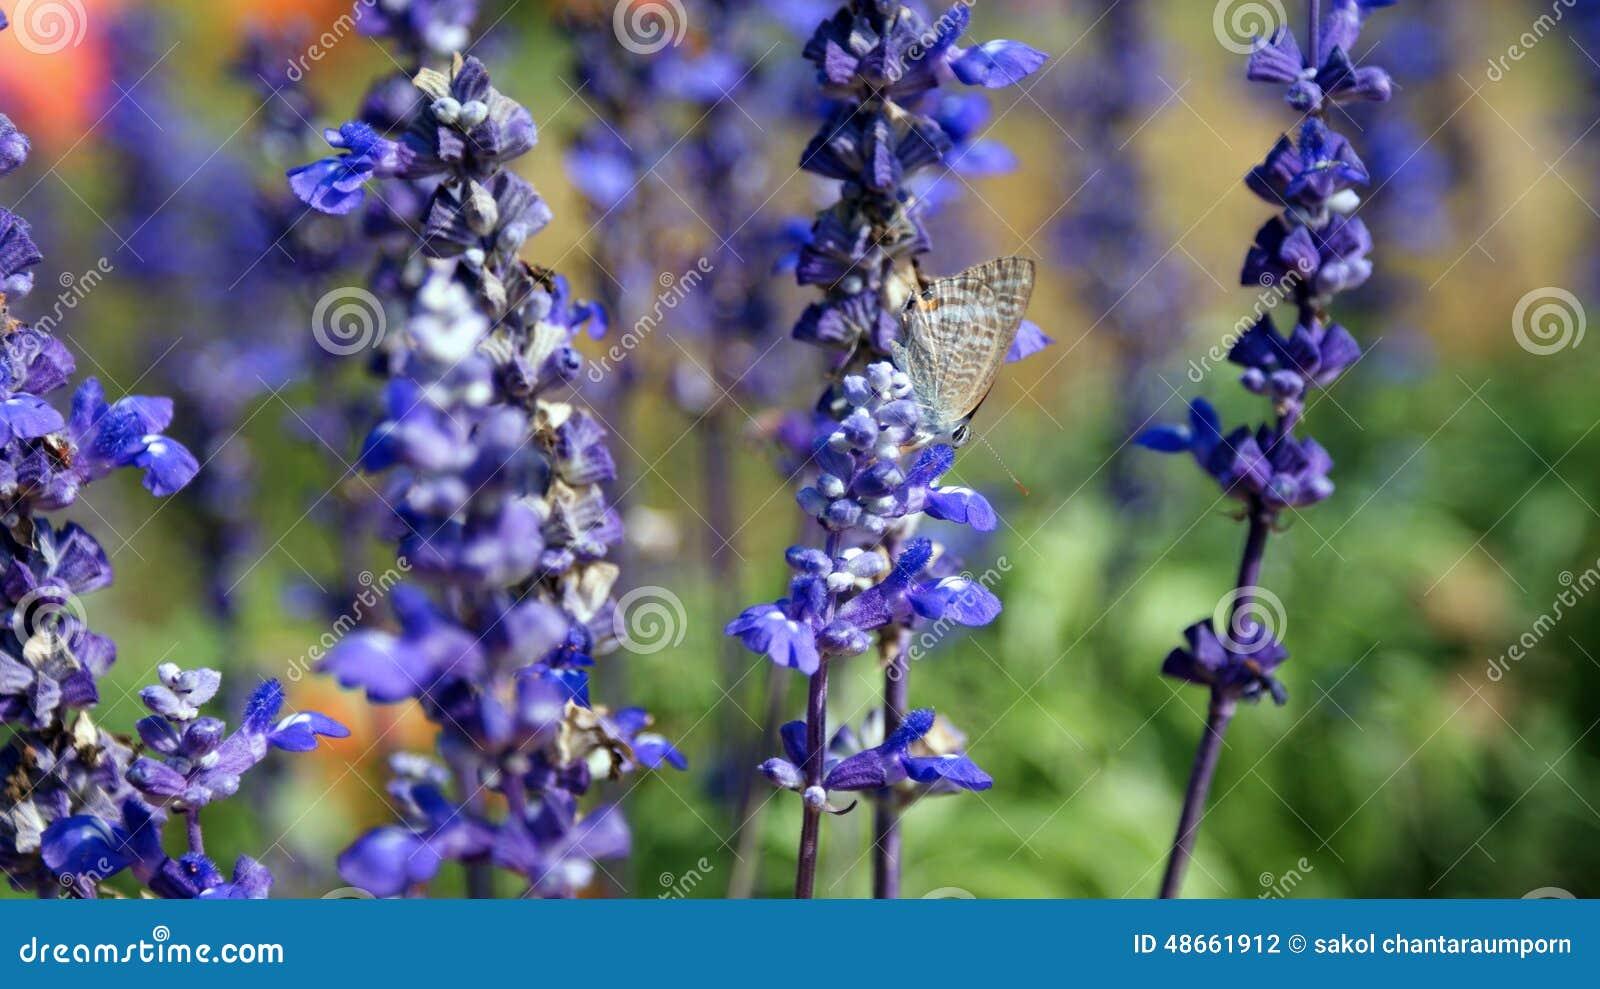 Schmetterling bule